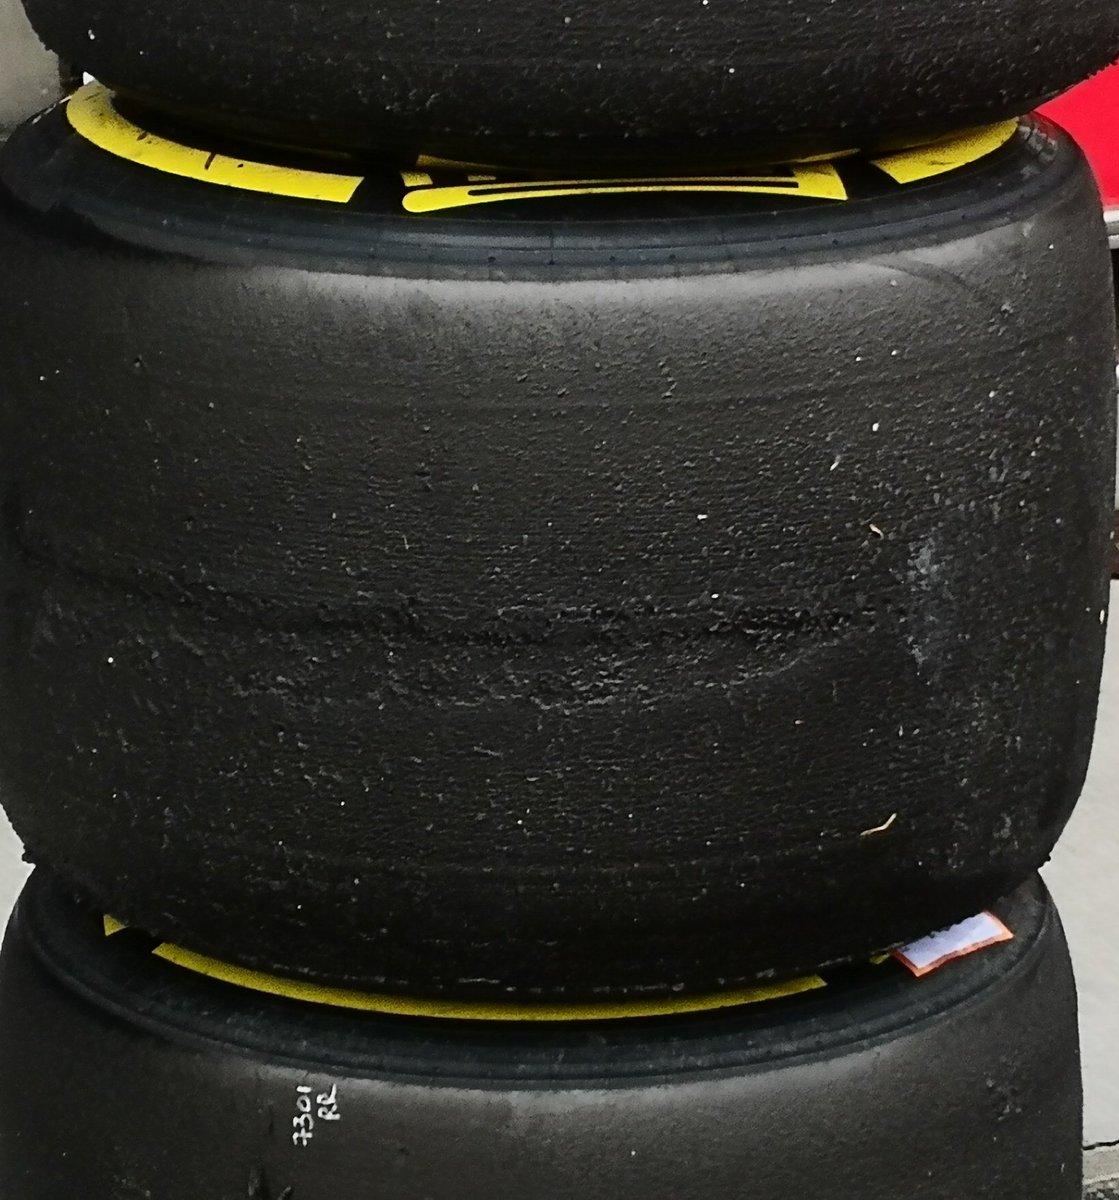 FERRARI SF71H: l'evidente blistering sulle posteriori Soft utilizzate da Kimi Raikkonen | Foto Fabrega